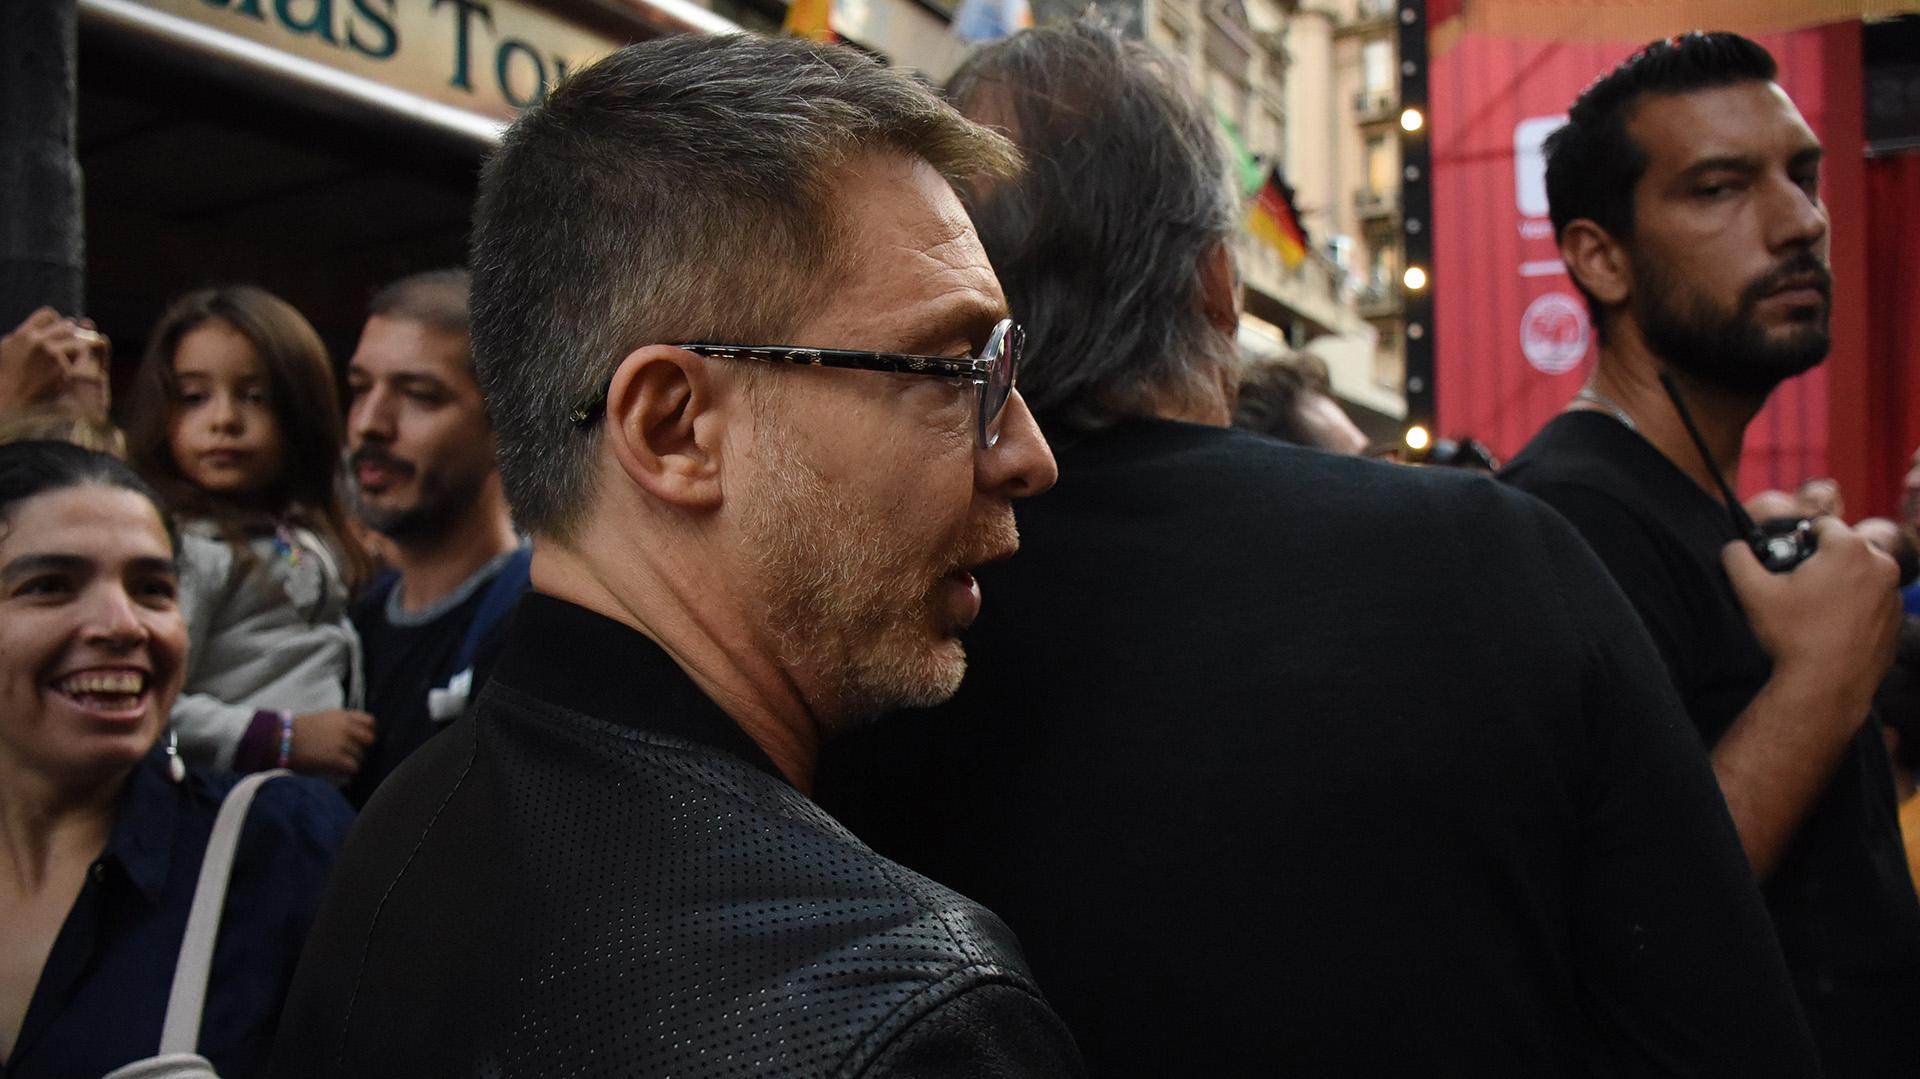 El productor y actor Adrián Suar también dijo presente